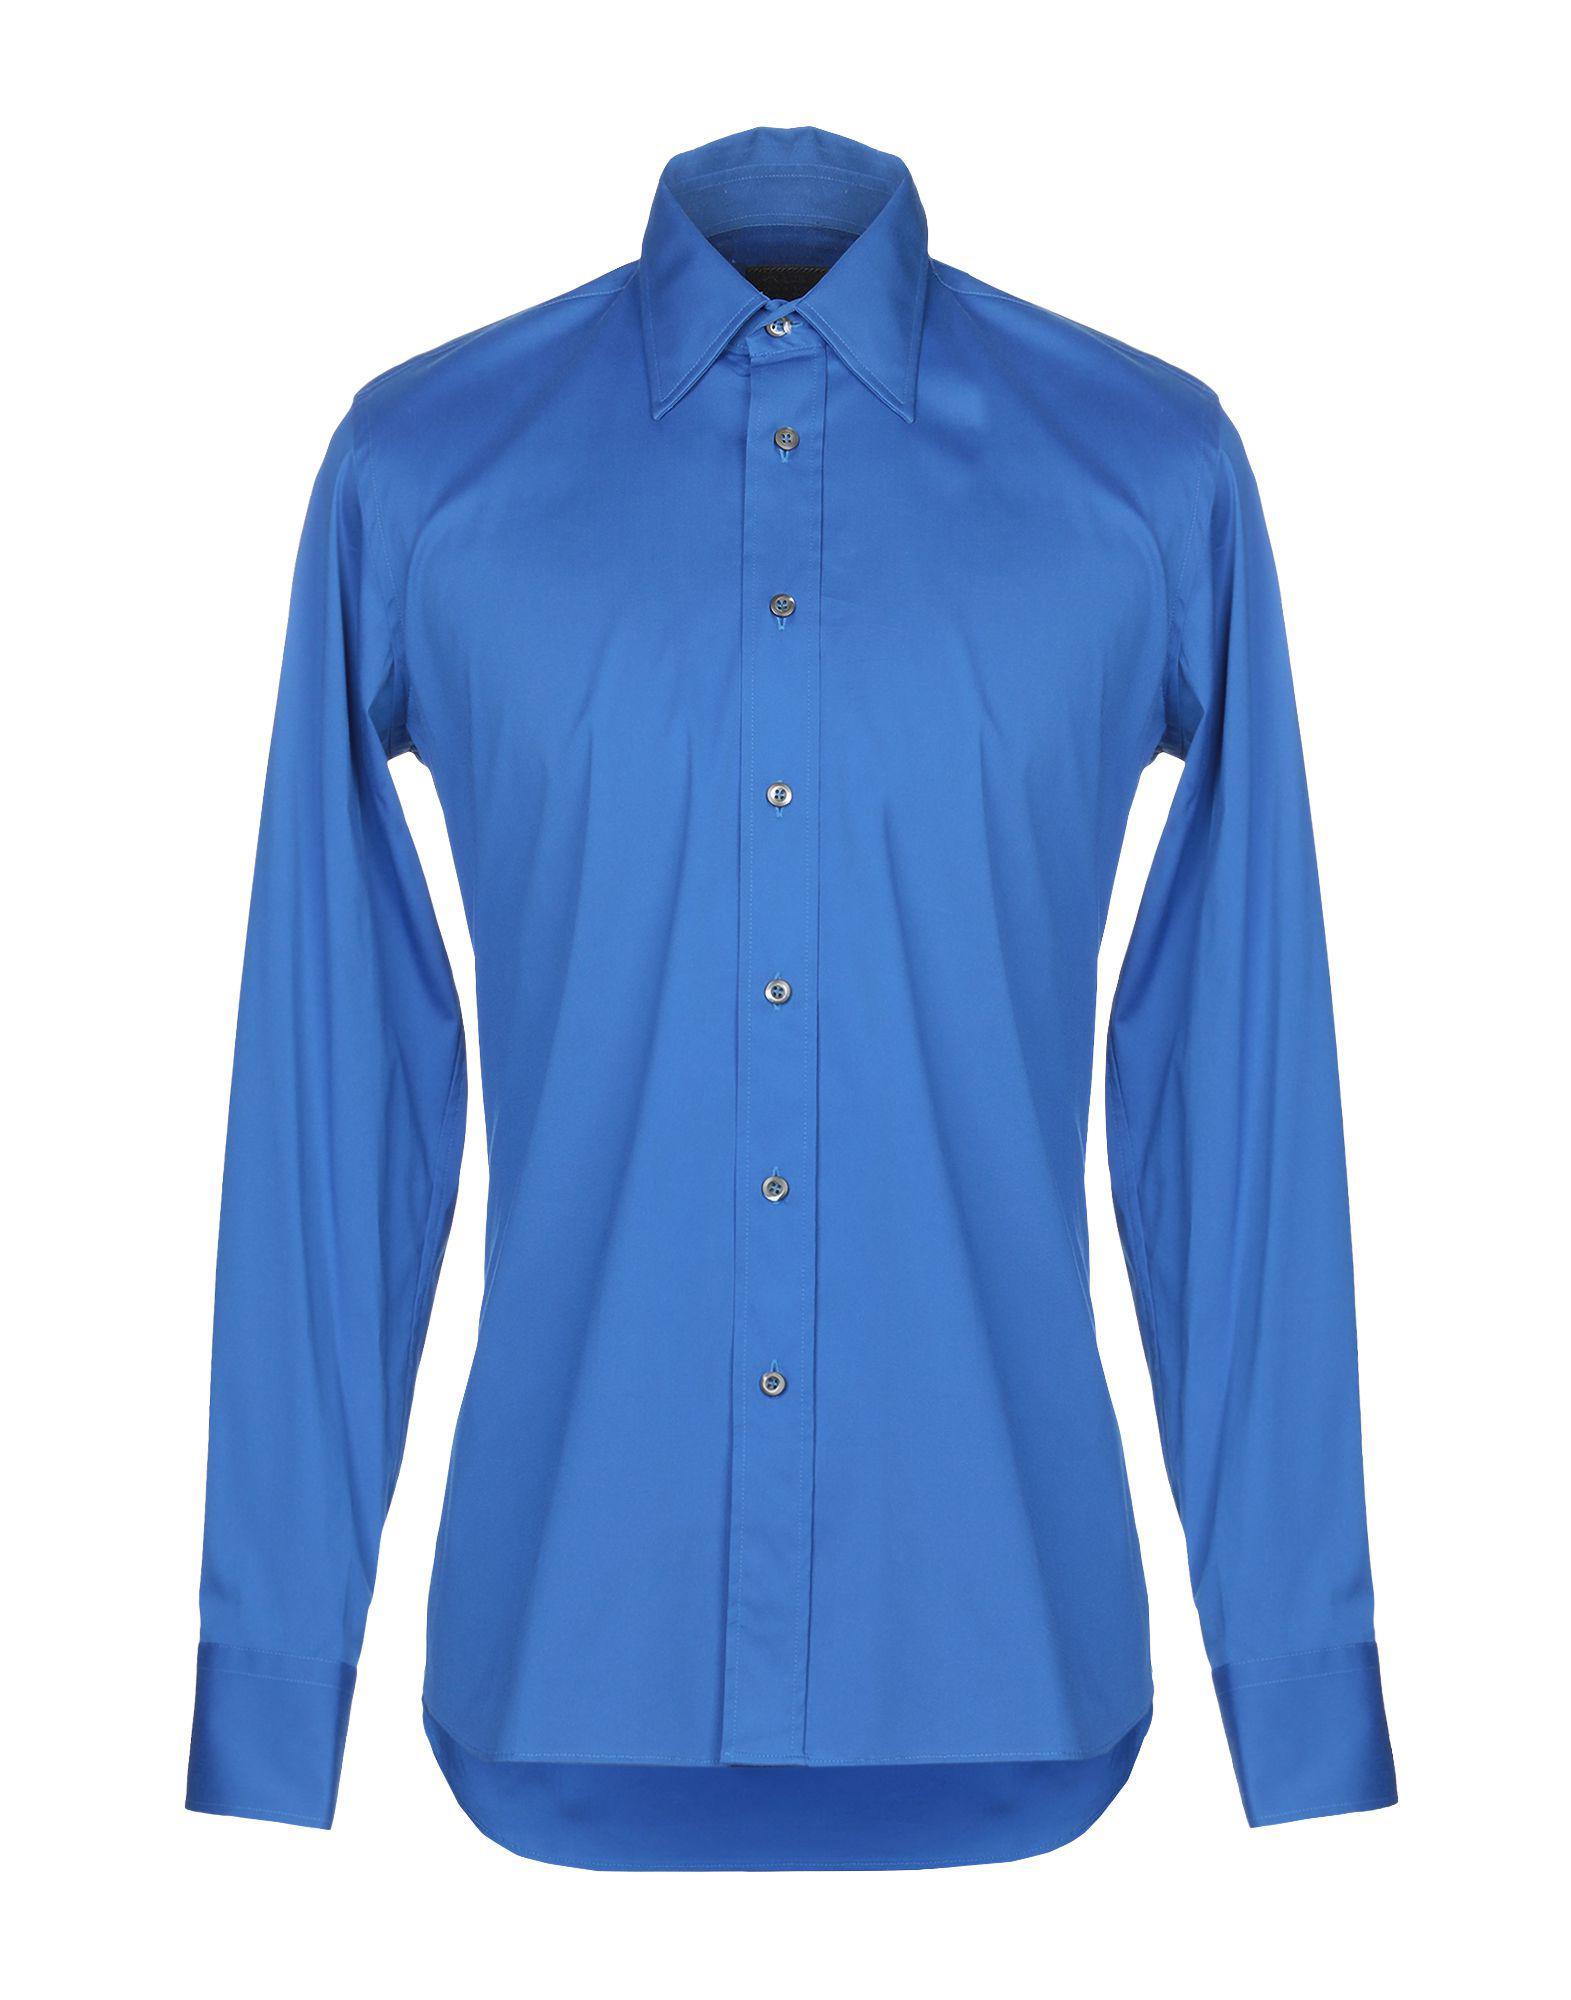 Lyst - Chemise Prada pour homme en coloris Bleu b1f3a8319e8